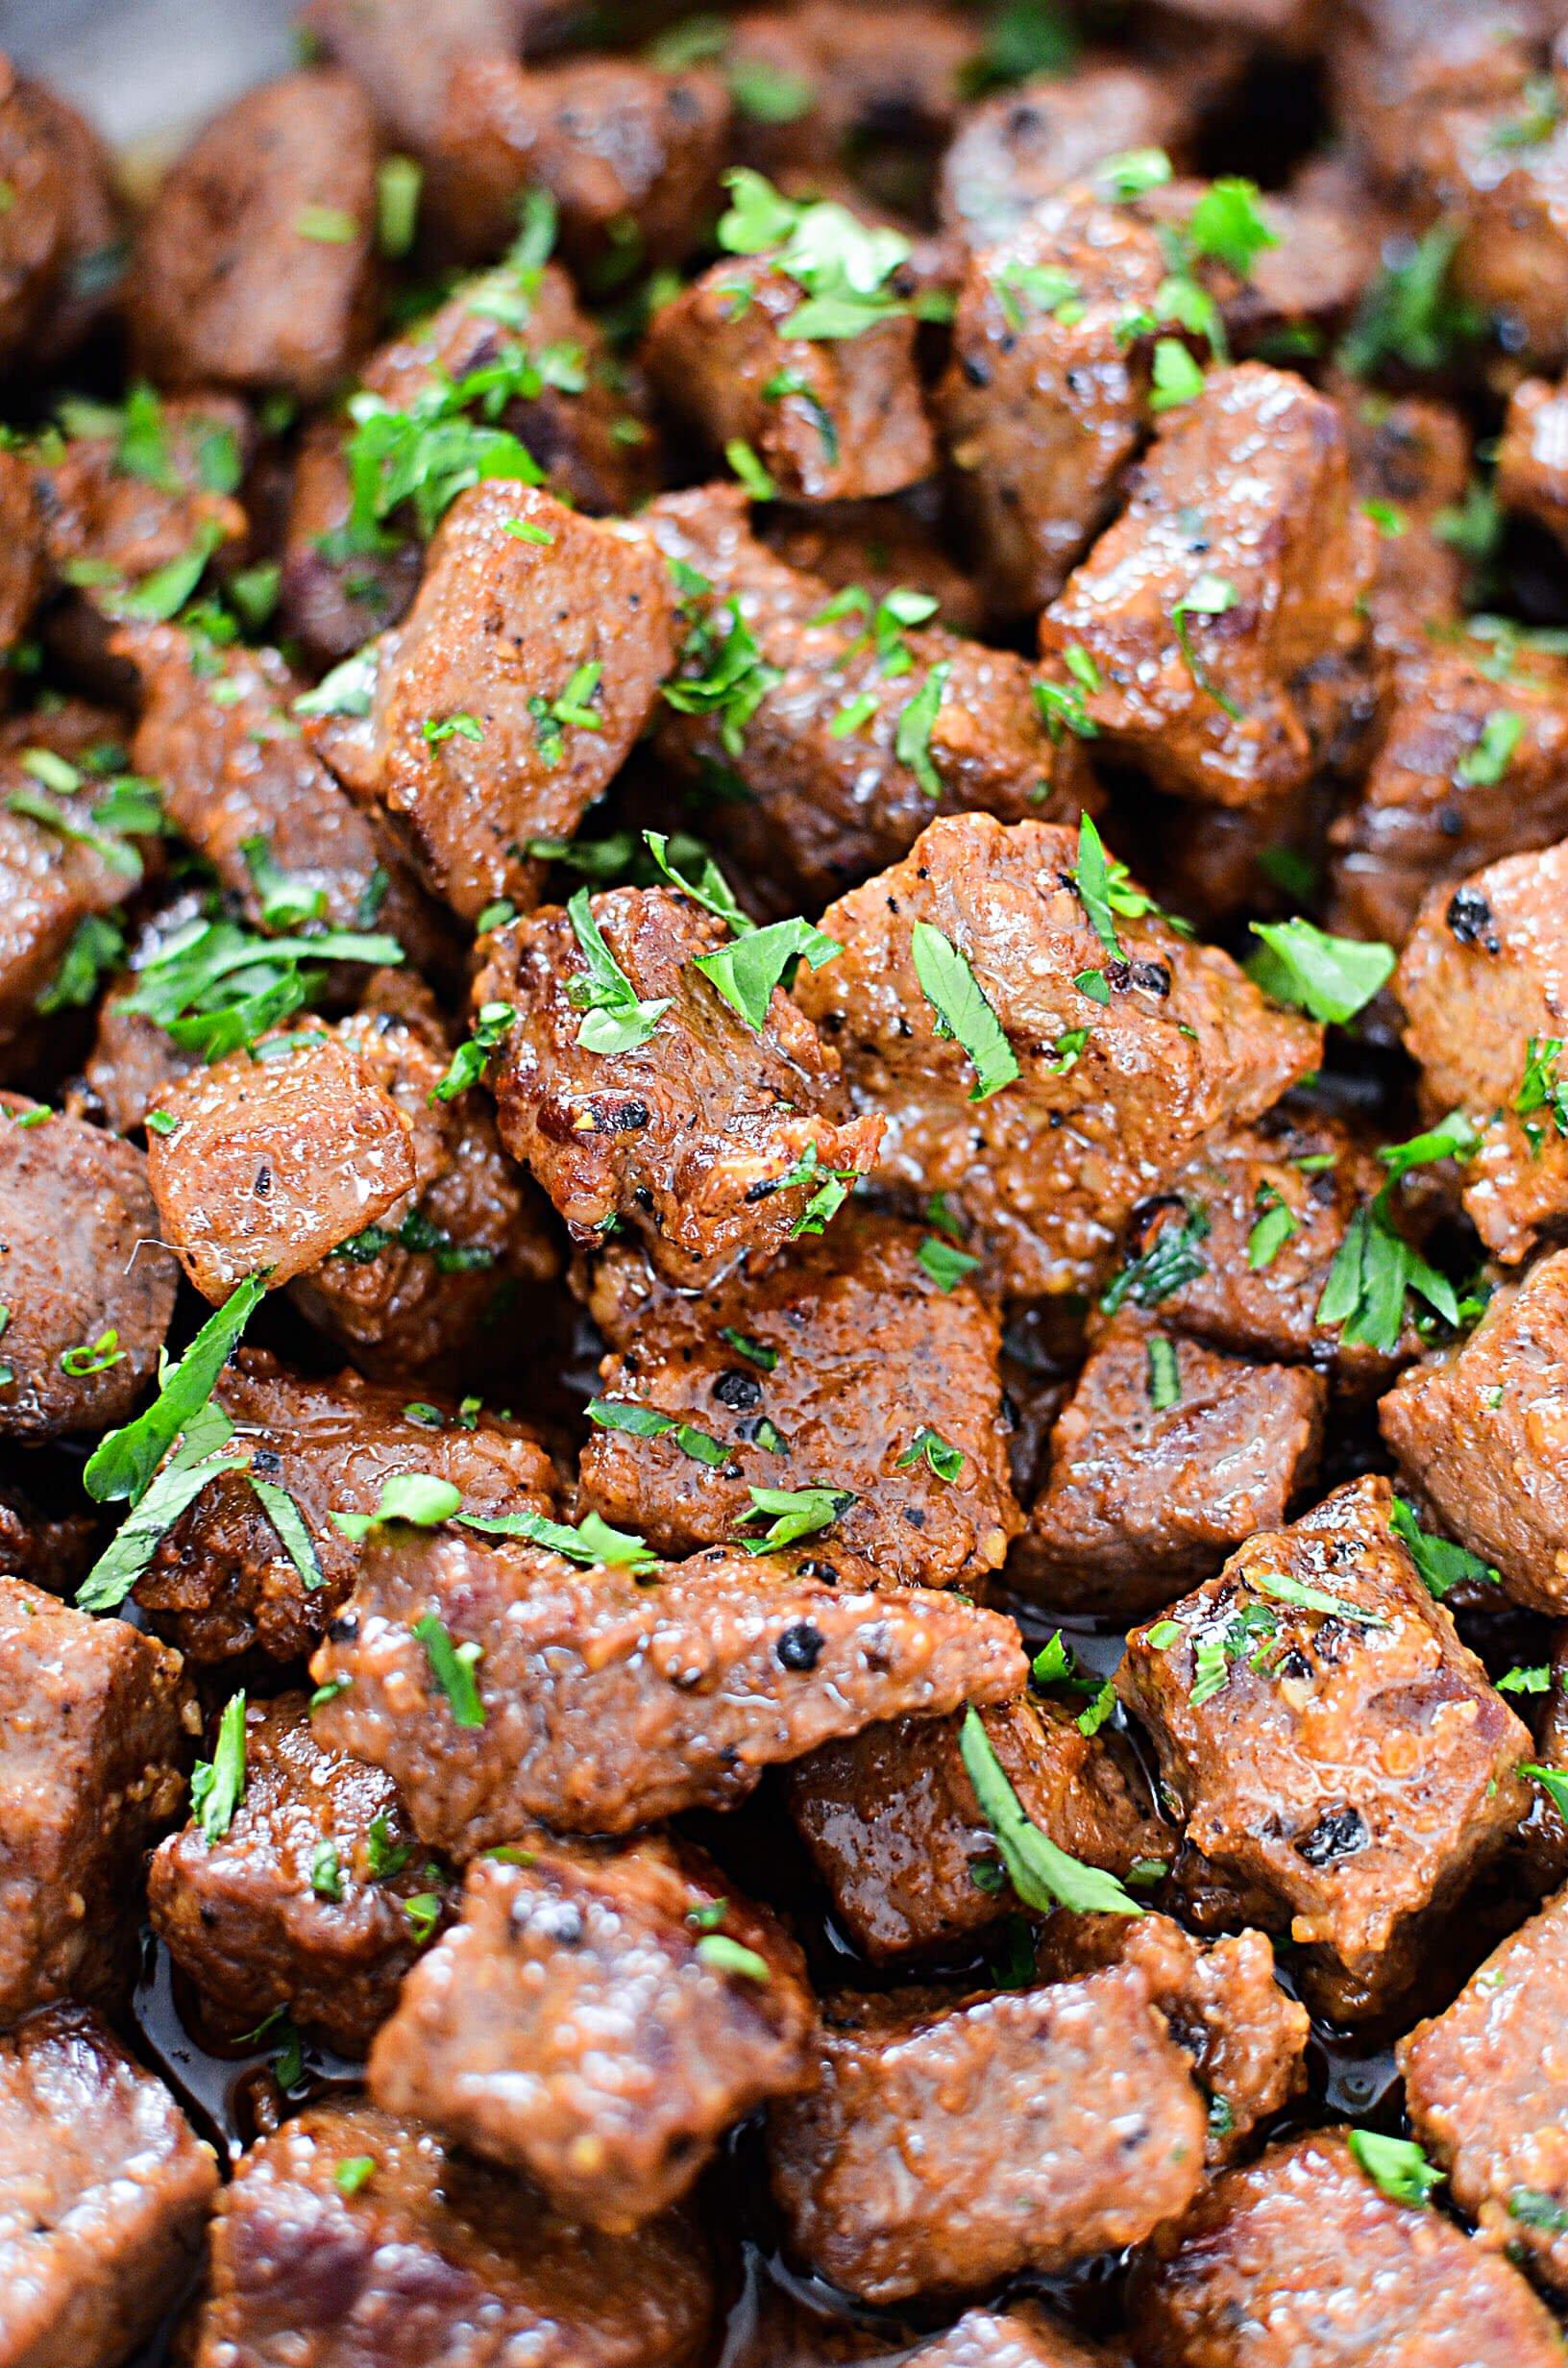 6.Juicy Garlic Butter Steak Bites